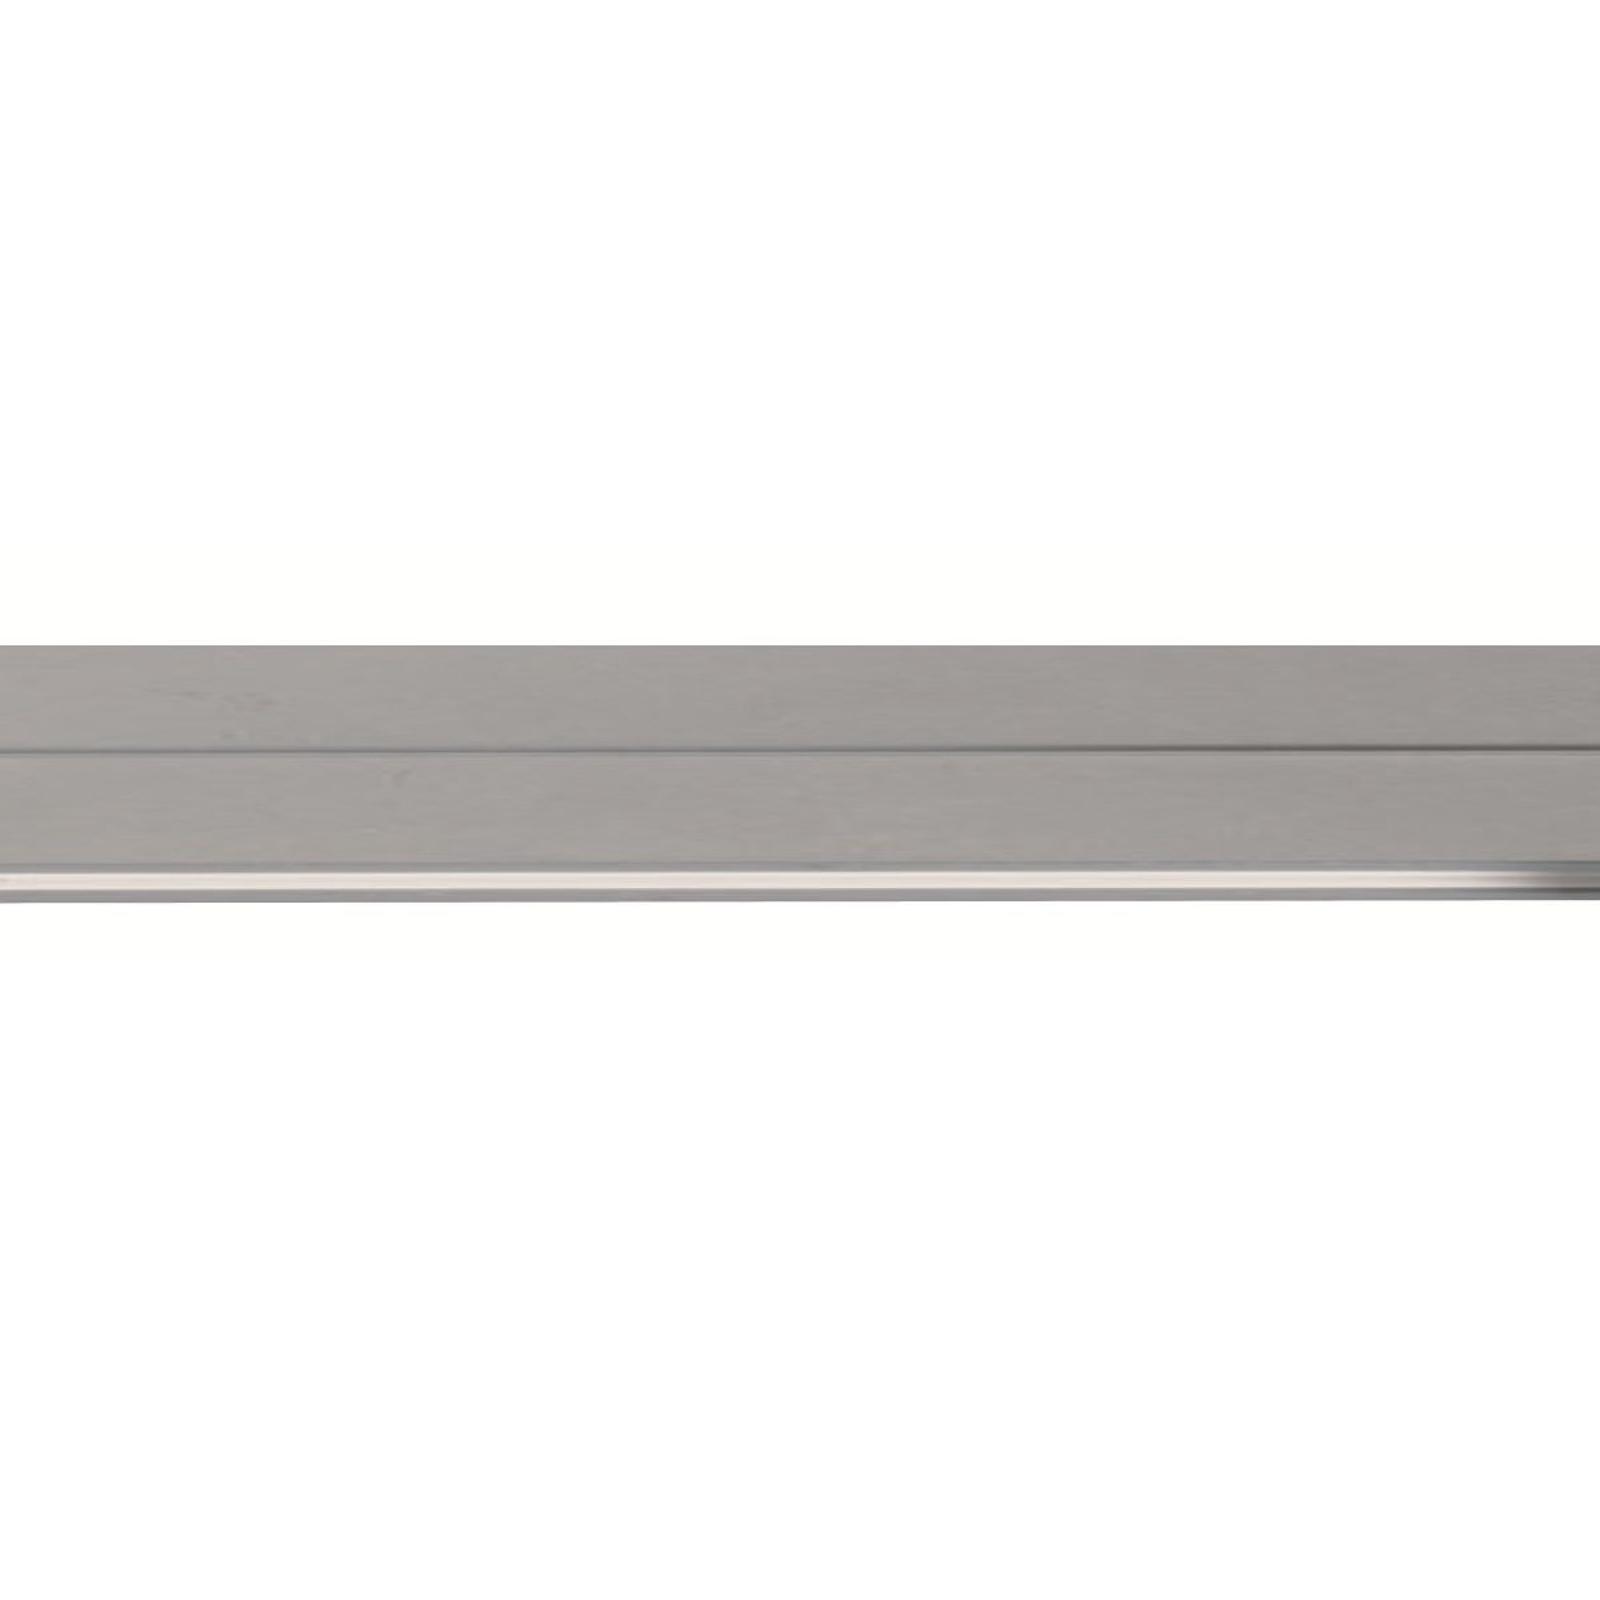 OLIGO Check-In CI-Schiene zu Schienensystem 118,5